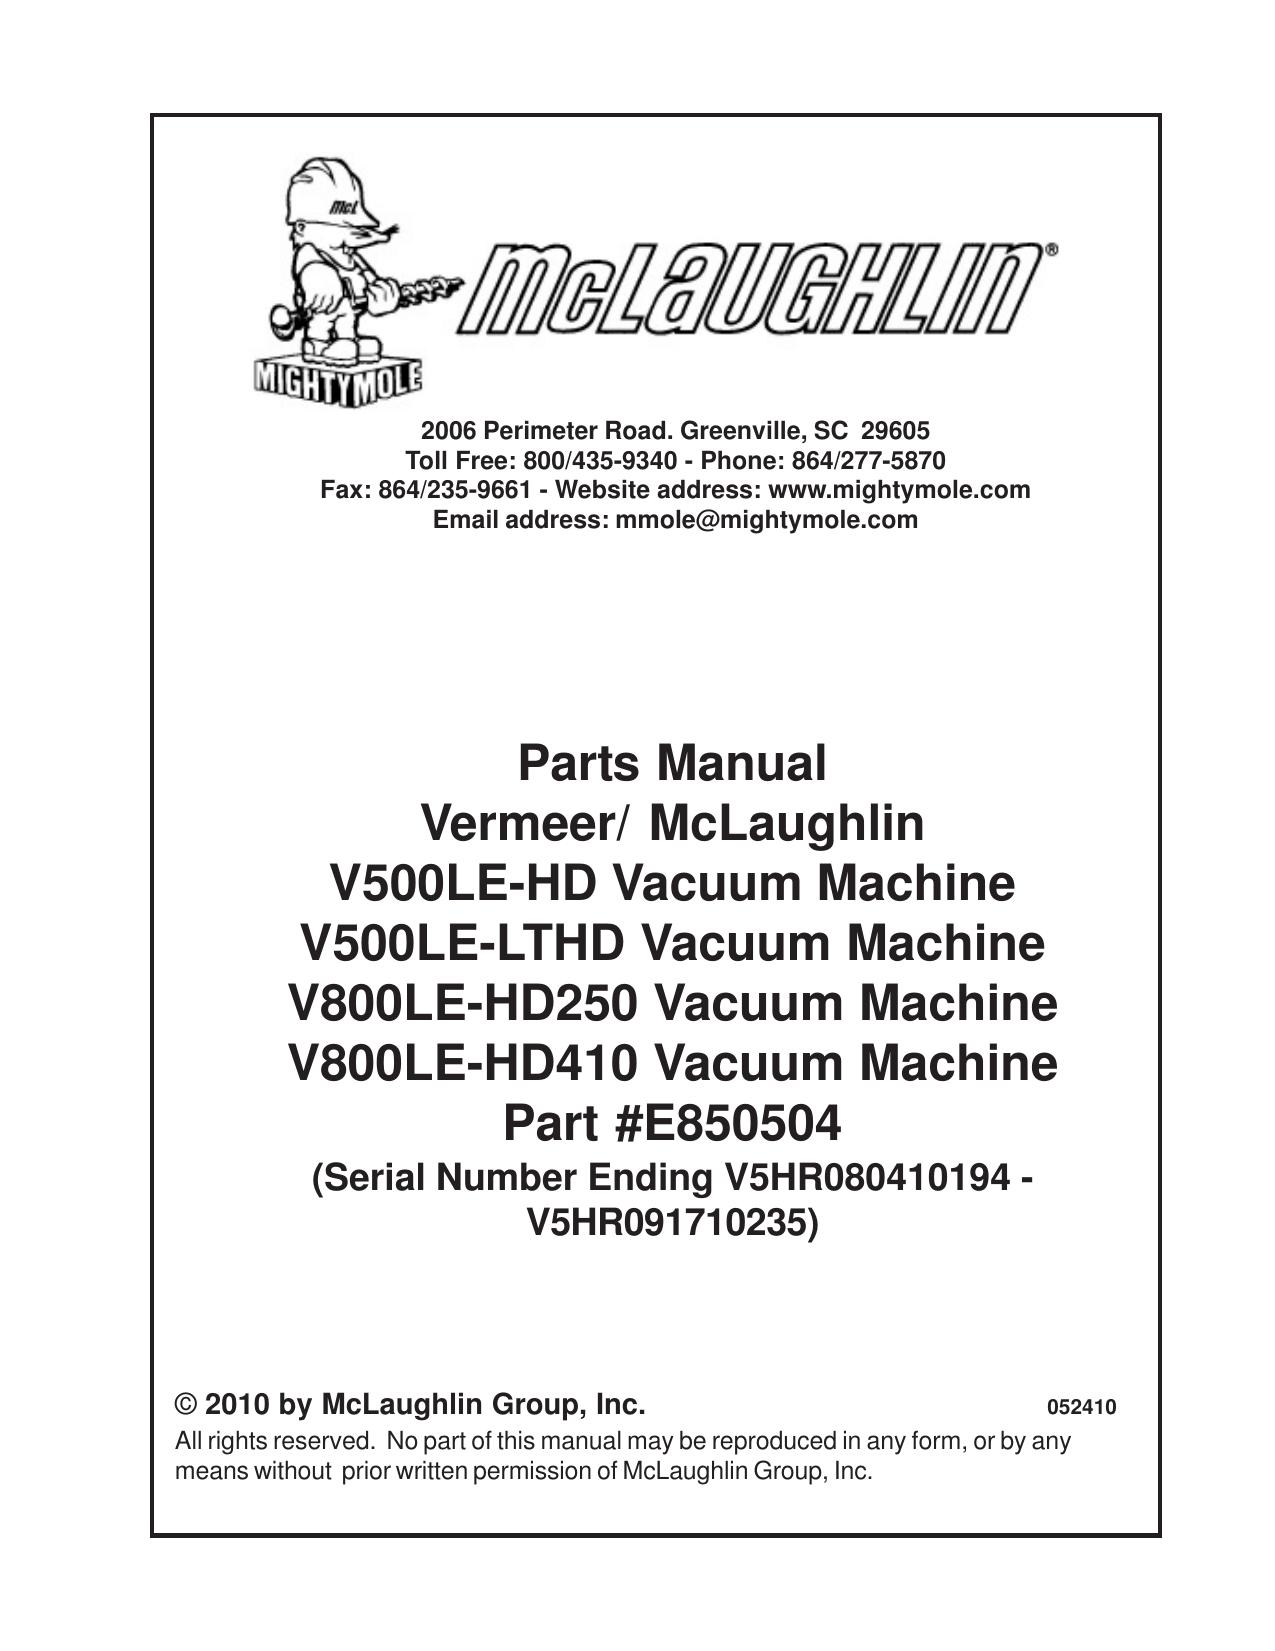 vermeer alternator wiring diagram v500 800le hd parts manual sn v5hr080410194 manualzz  v500 800le hd parts manual sn